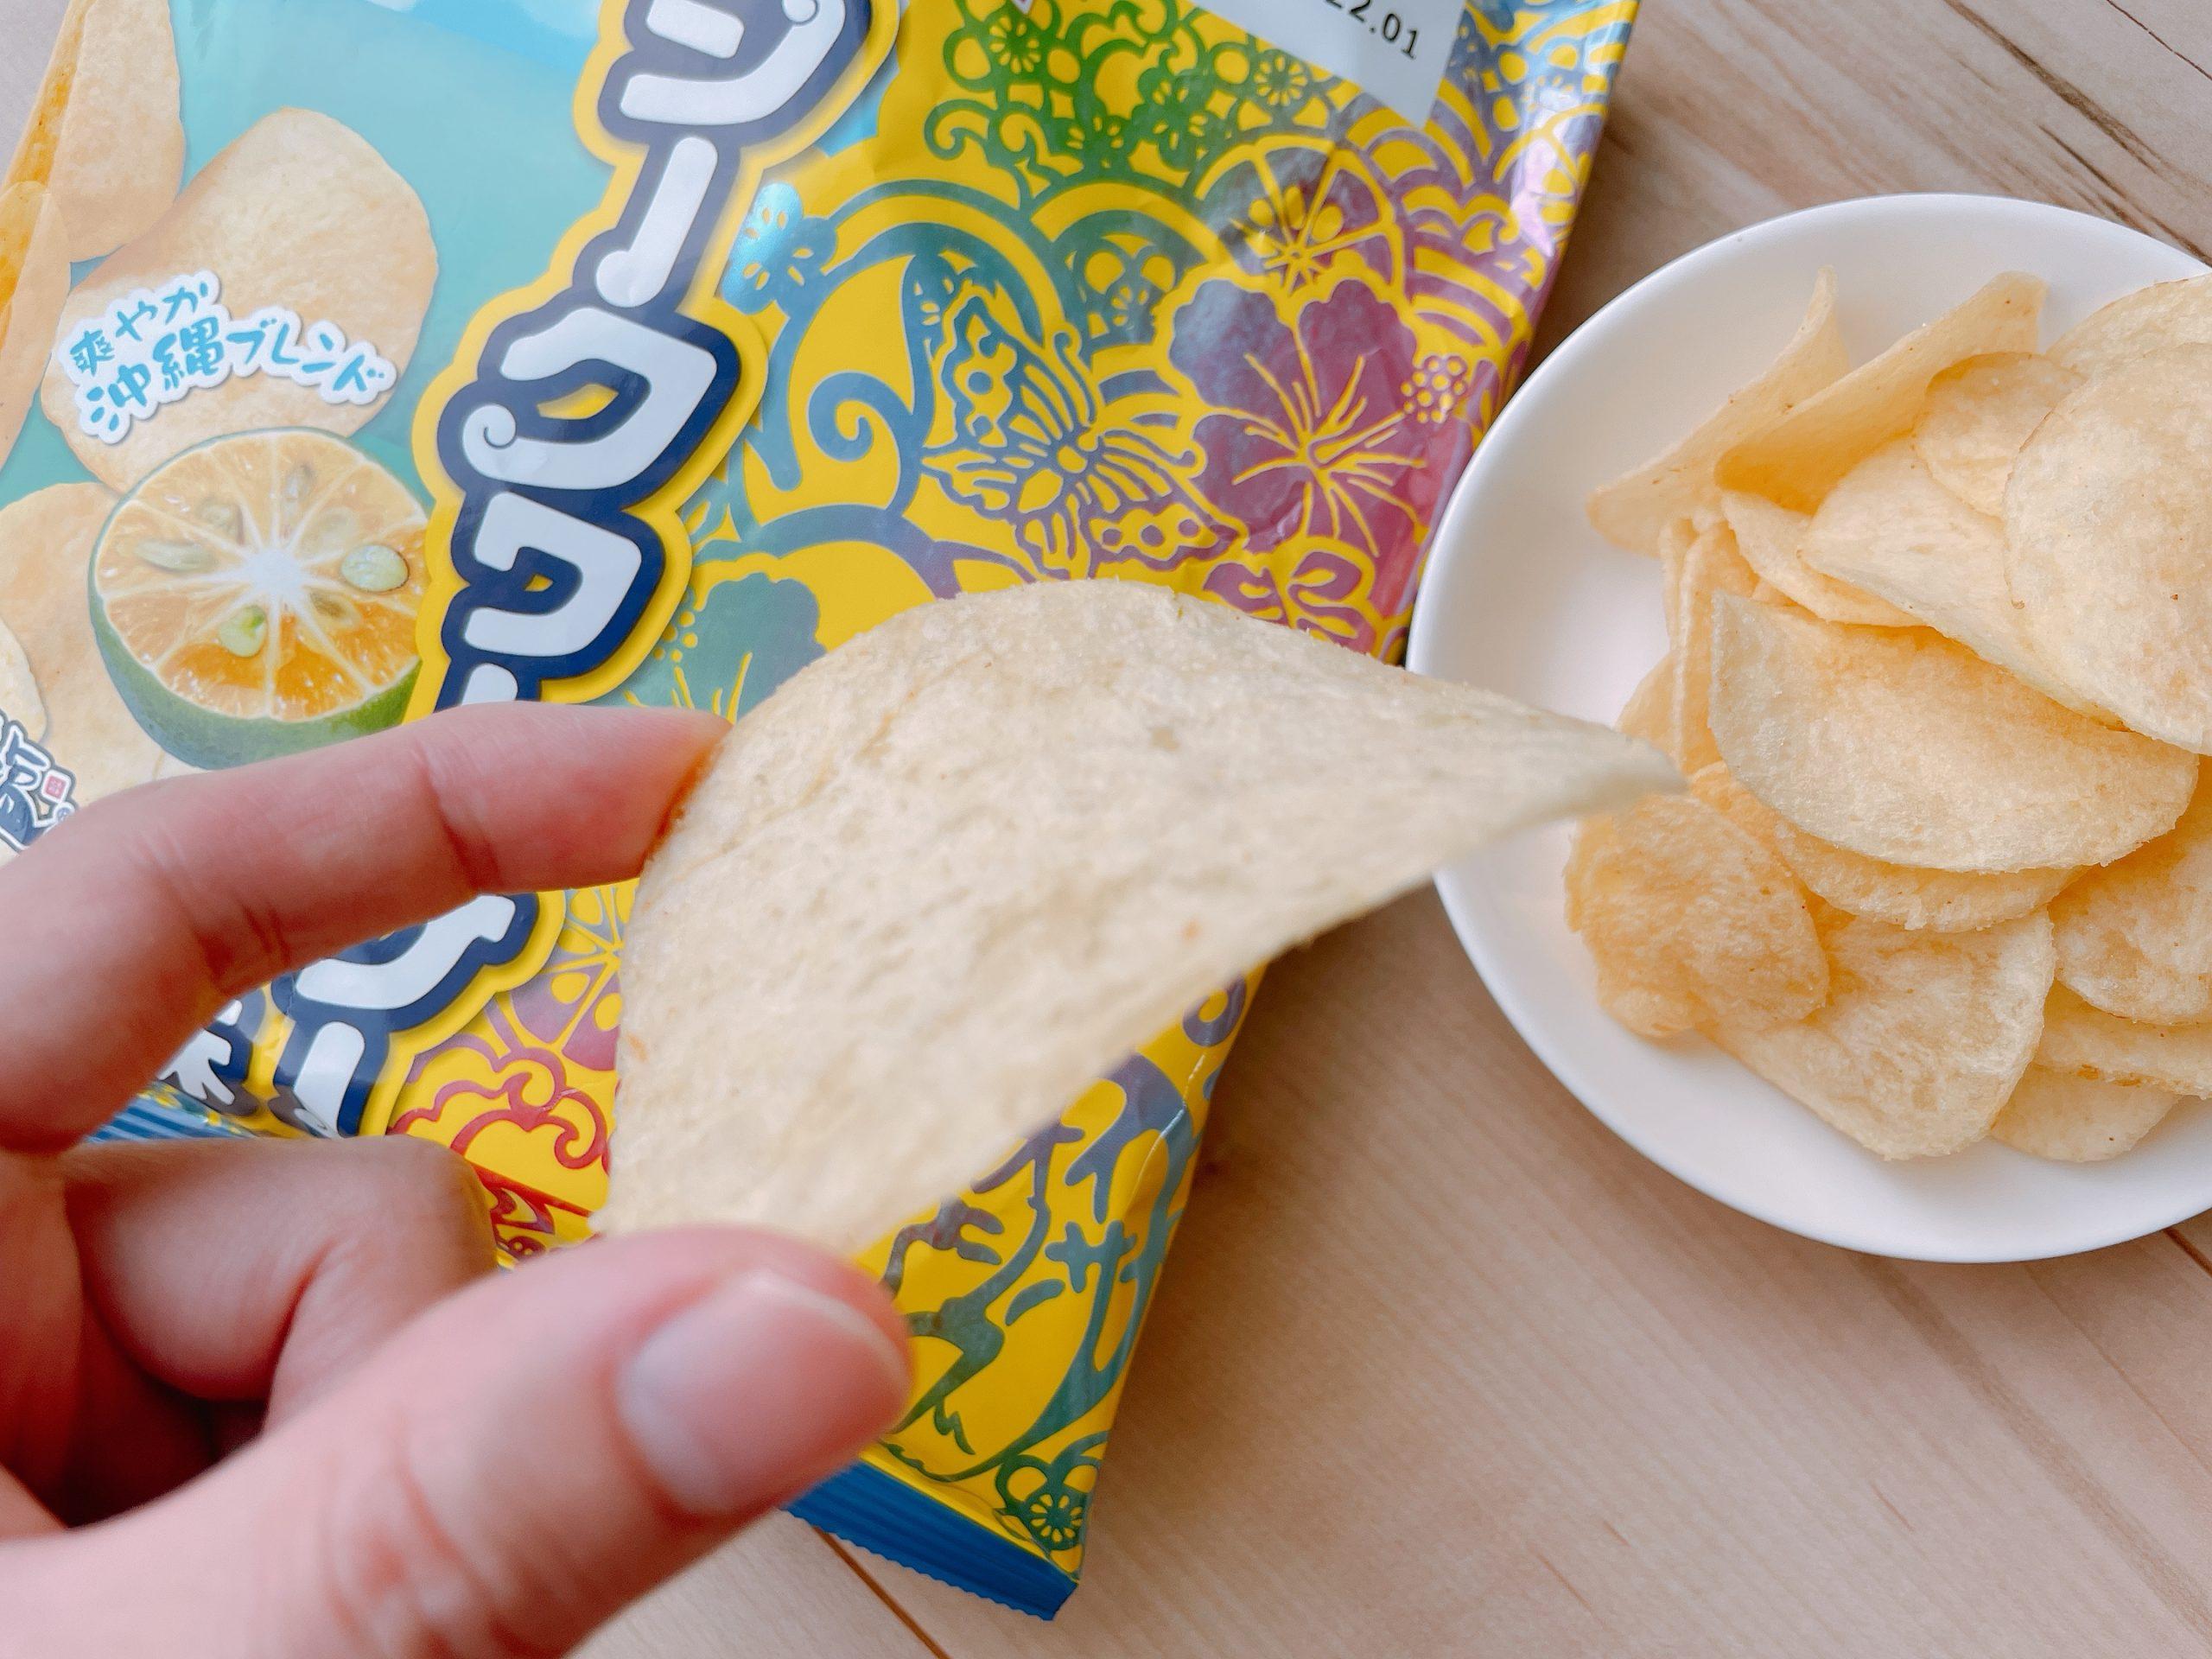 ポテトチップス<シークワーサー味>は、一気に食べるにはもったいない